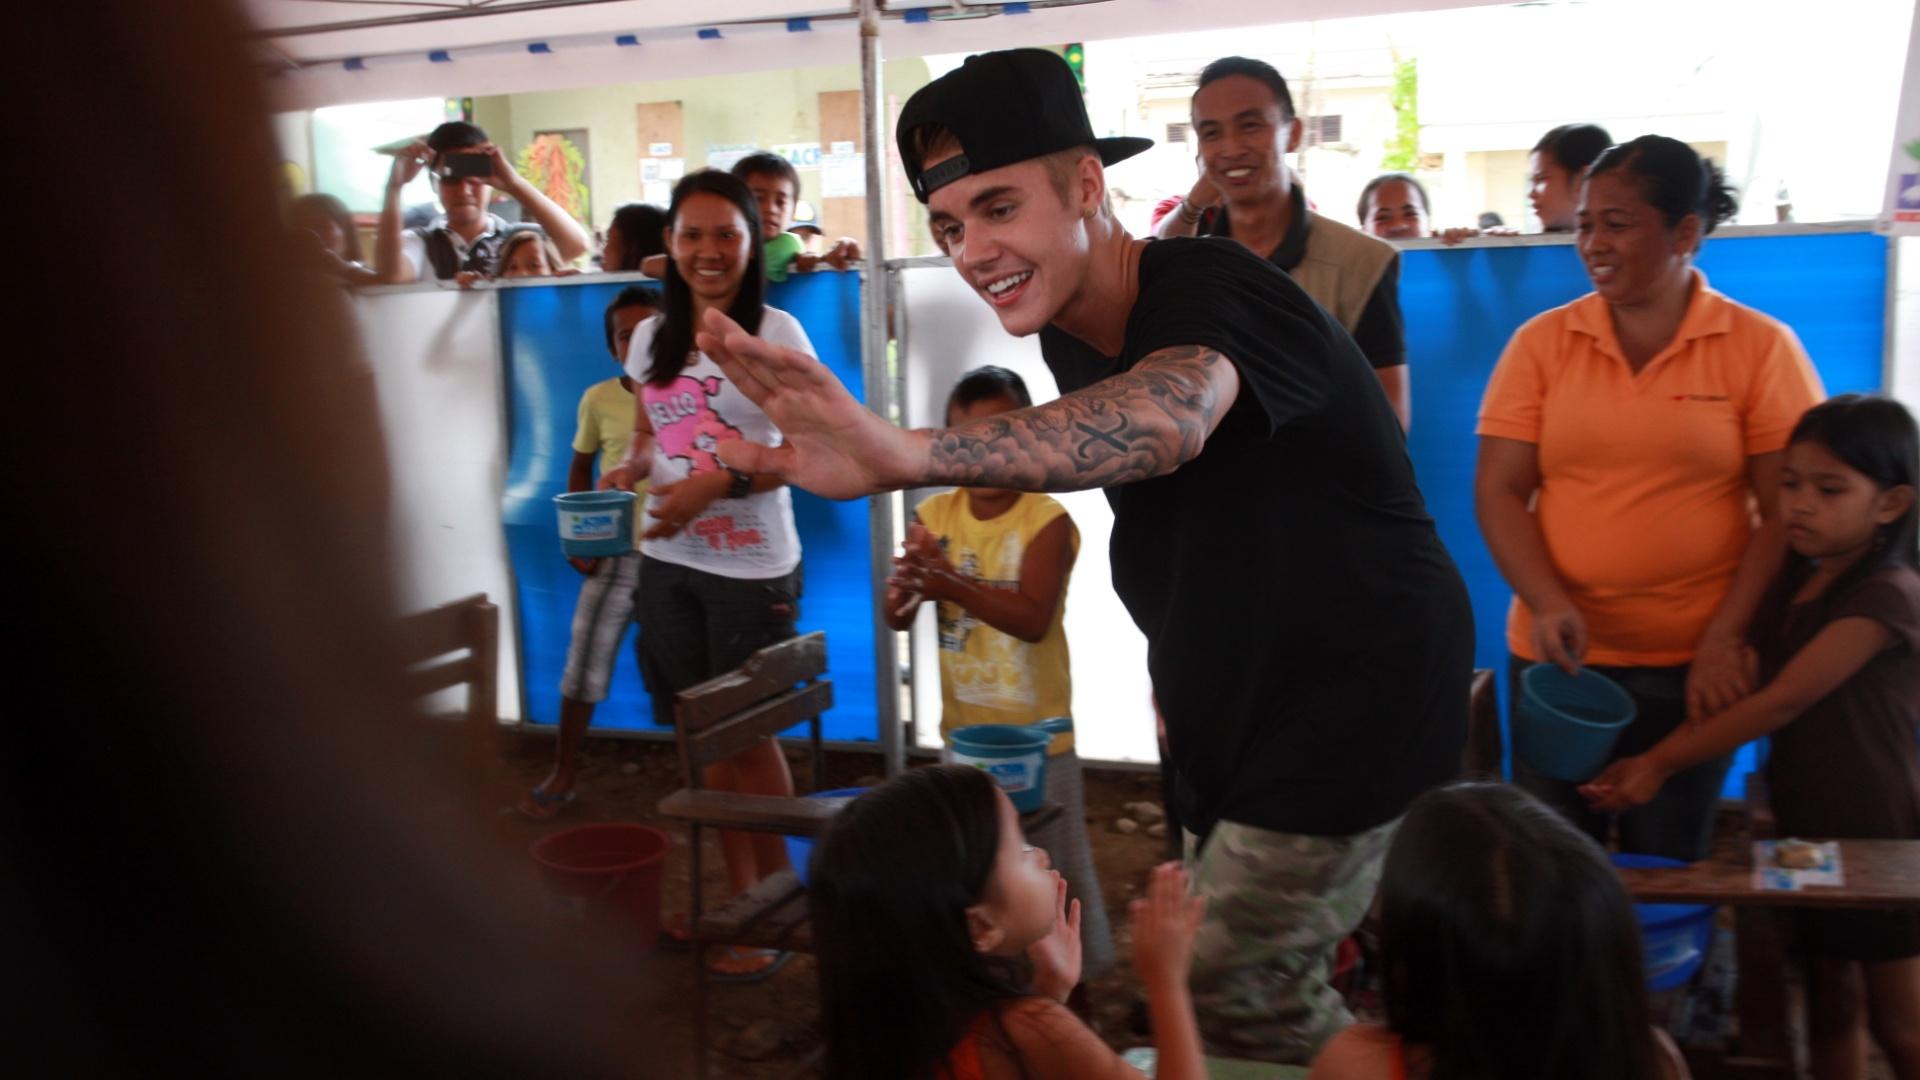 10.dez.2013 - O cantor Justin Bieber visita uma escola nas Filipinas e canta a música